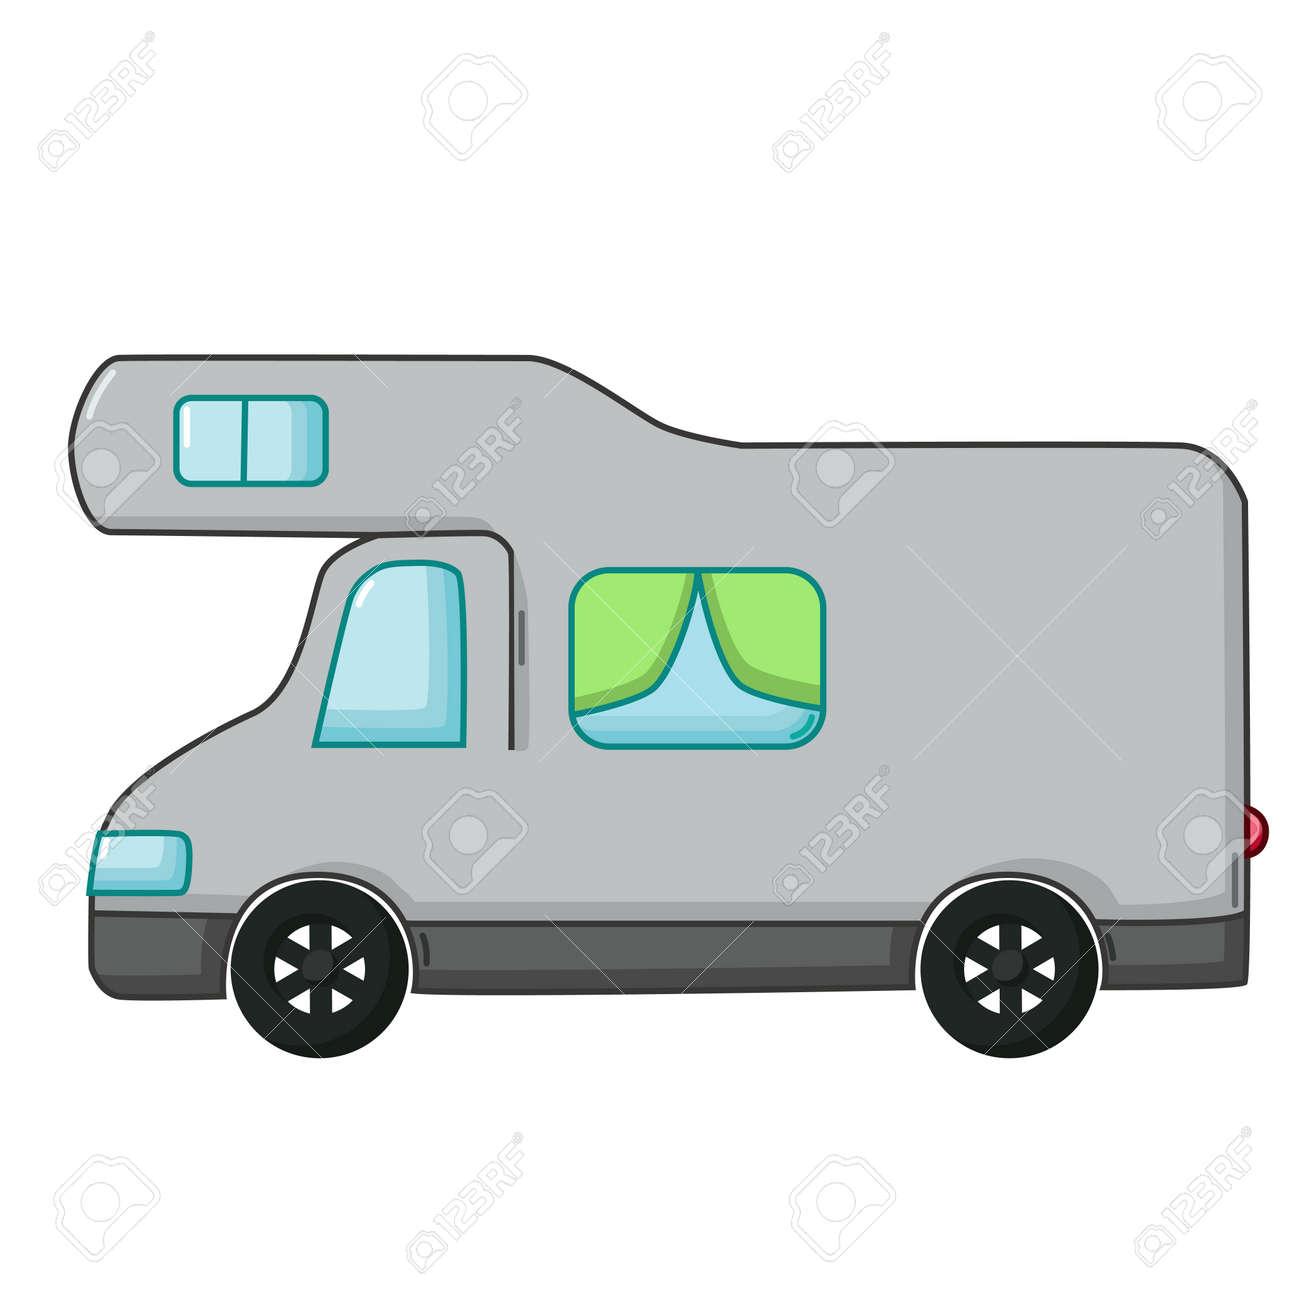 Camping Car Dessin urban icône de transport dans le style de dessin animé isolé sur